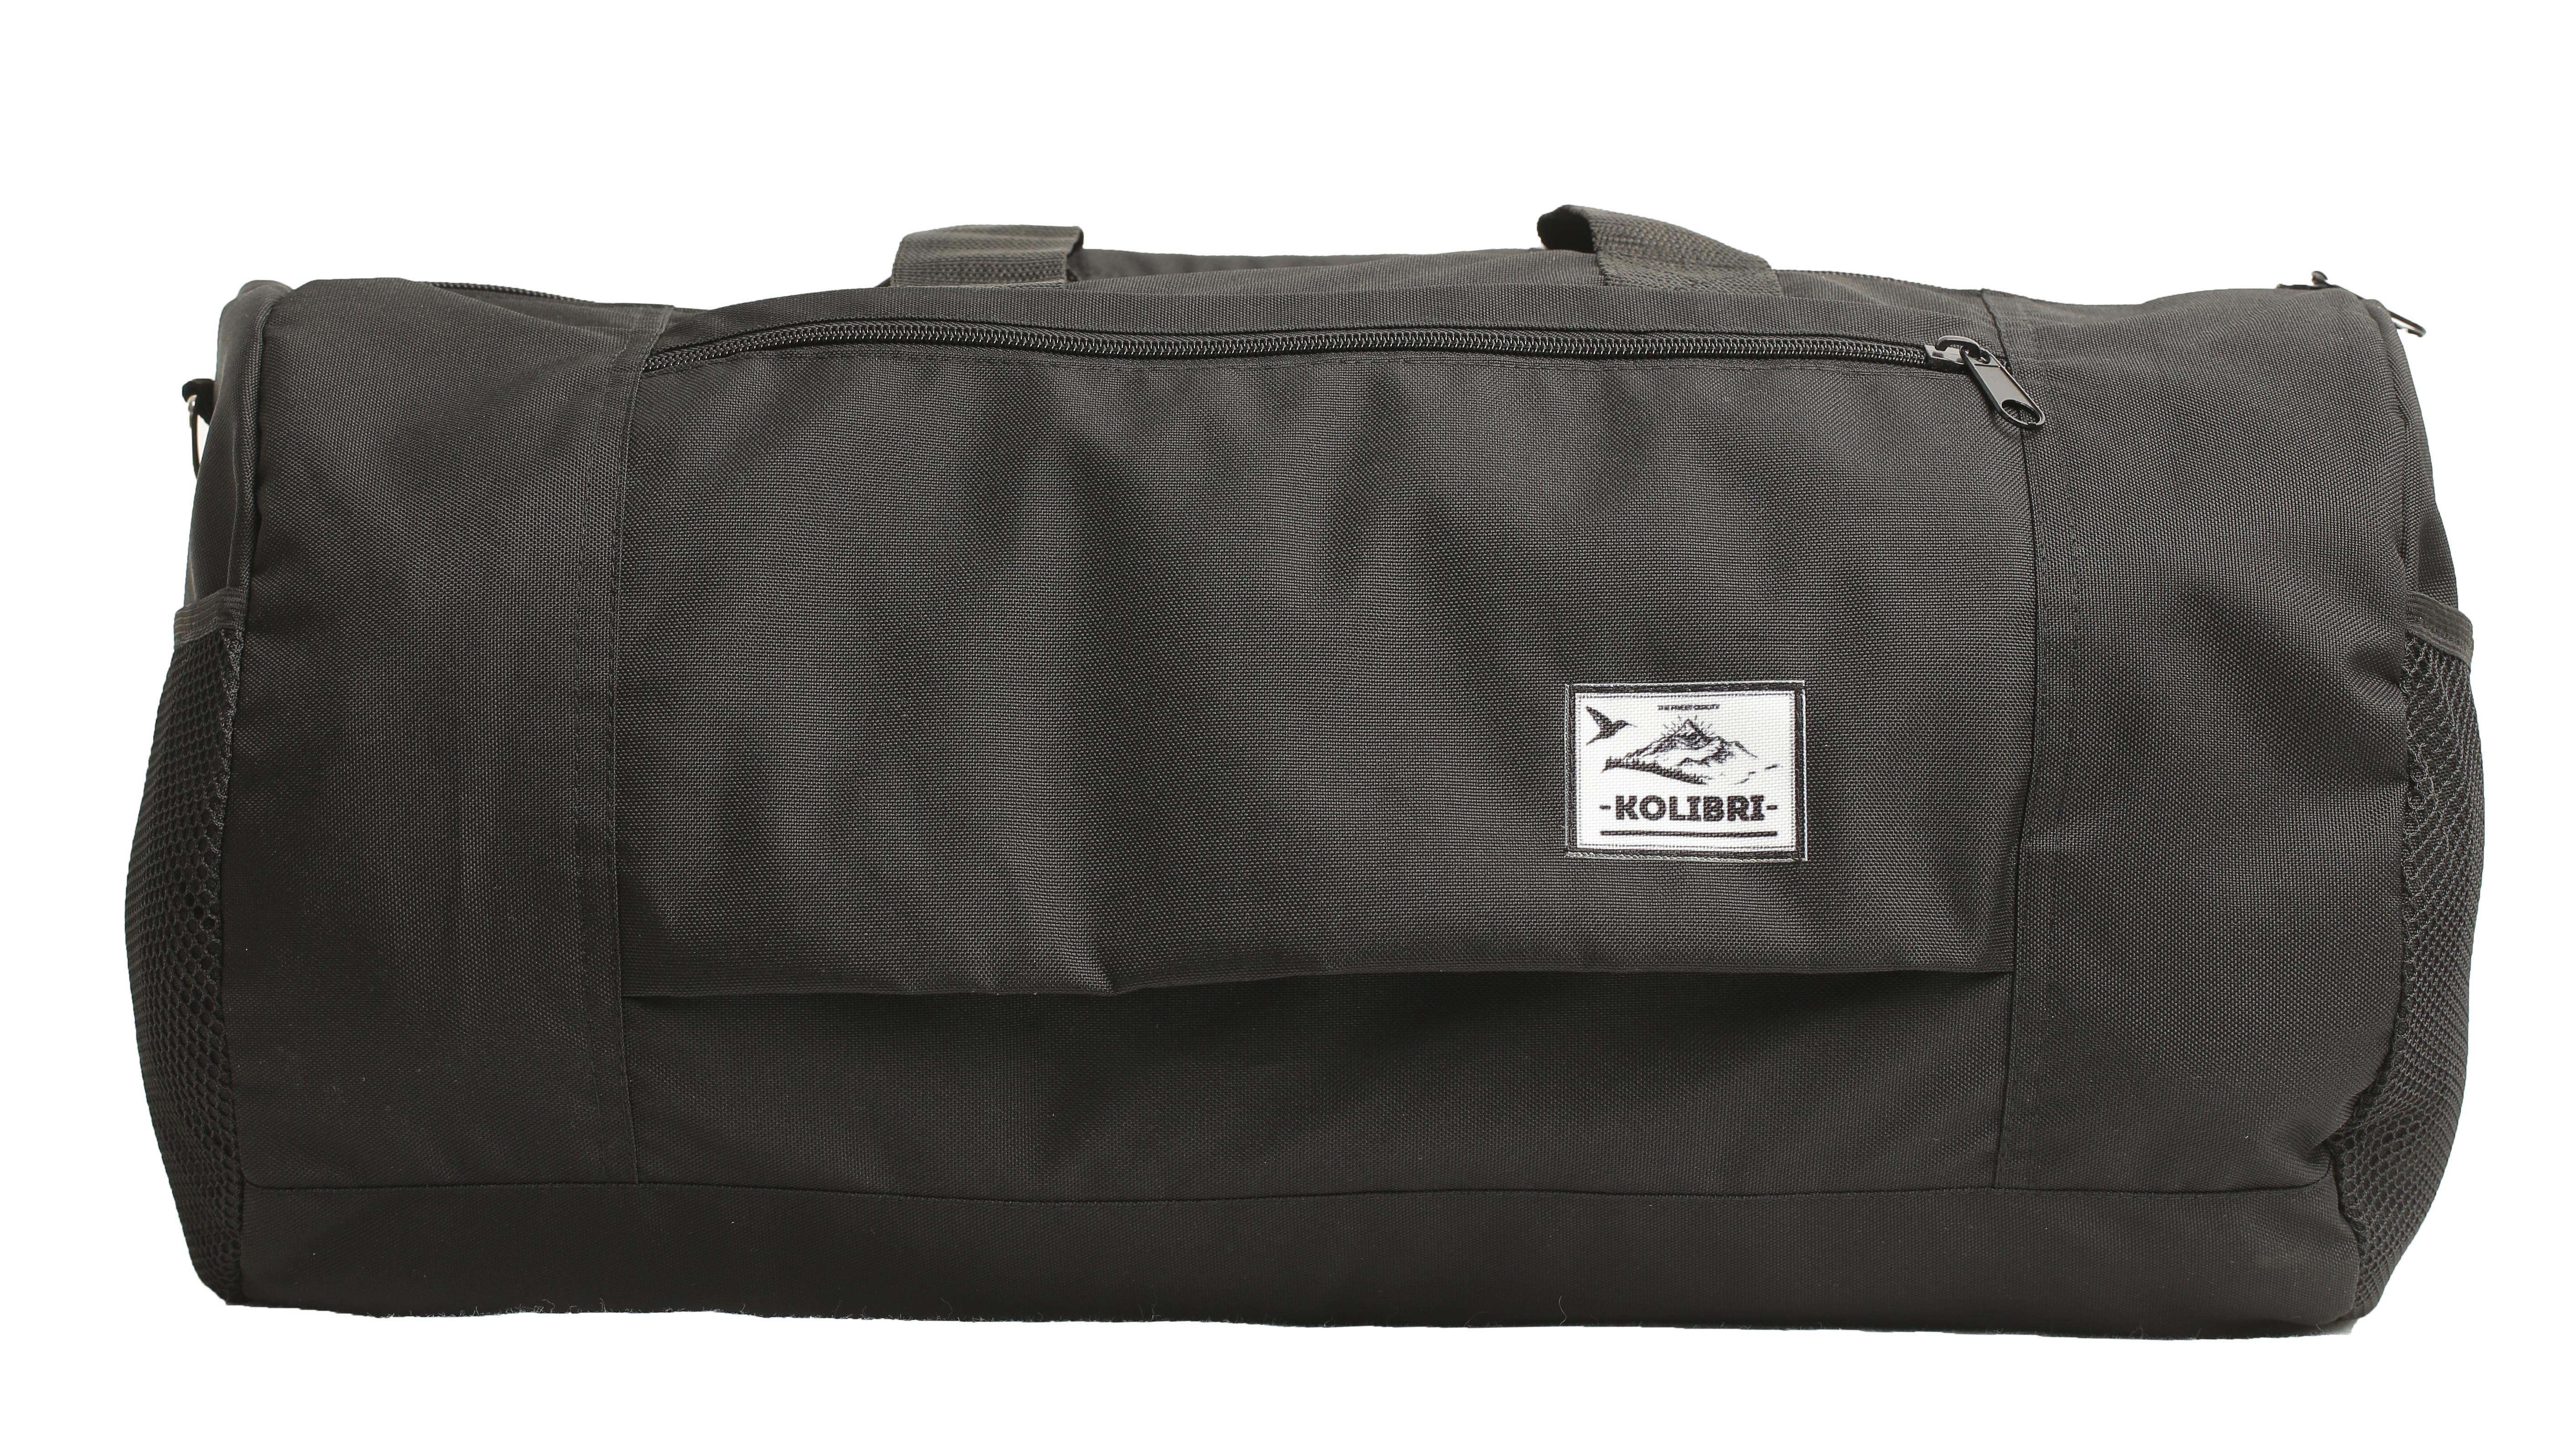 Спортивная сумка kolibri black